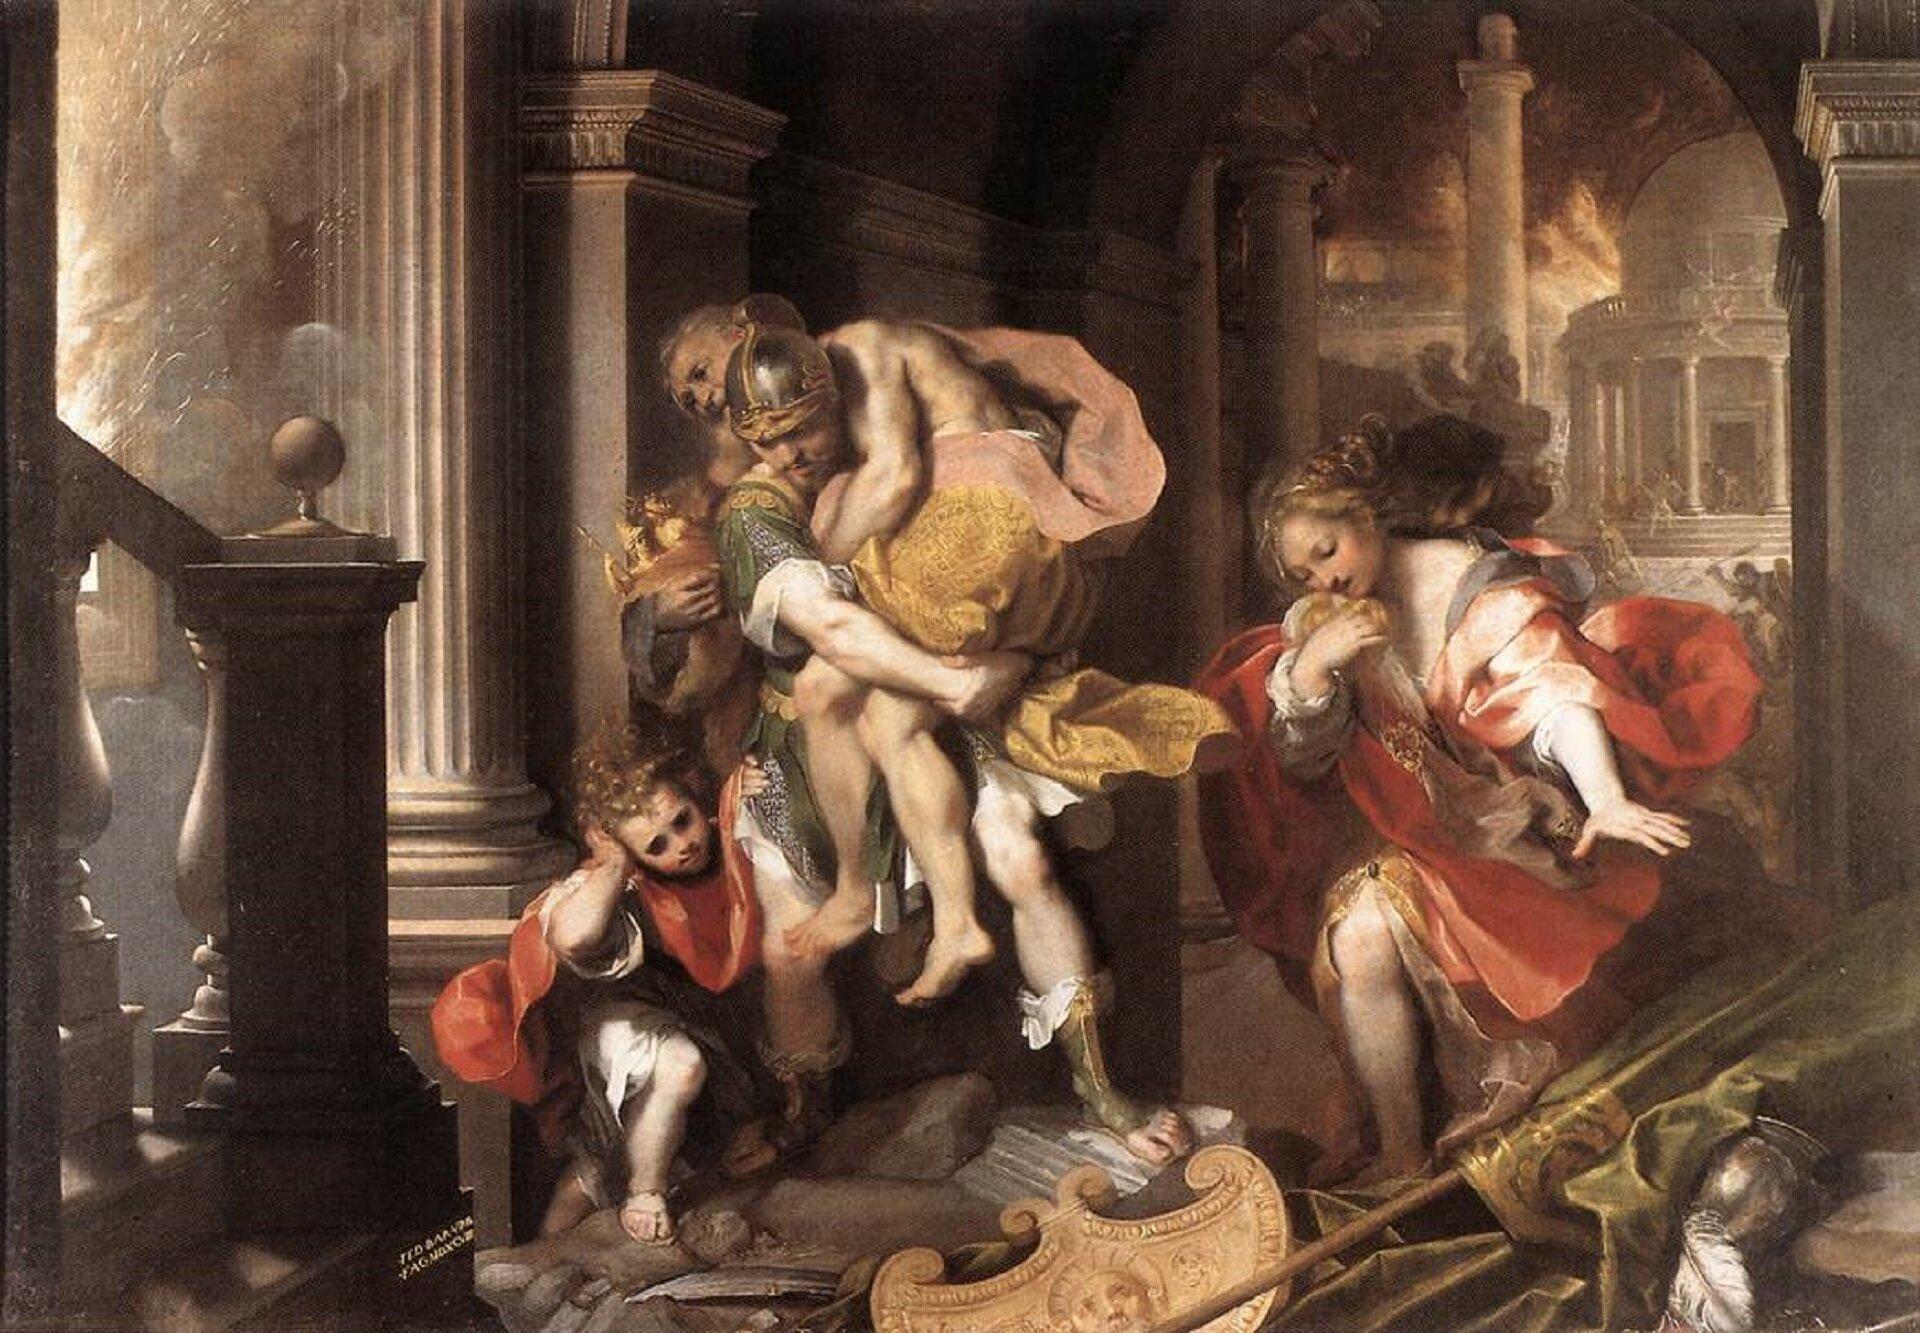 """Dzieło Federico Barocciego  """"Ucieczka Eneasza zTroi"""" przedstawia pięć postaci uciekających przed bitwą. Znajdują się wzrujnowanym pomieszczeniu. Na podłodze leżą zerwane drzewce ze sztandarami oraz hełmy. Wcentrum obrazu przedstawiony mężczyzna wśrednim wieku. Ubrany wzieloną zbroję oraz srebrny hełm, niesie na swoich barkach starszego mężczyznę. Starzec odziany jest wzłote spodnie oraz pomarańczową szatę. Za nimi widoczny jest tylko fragment sylwetki kolejnej postaci, która wręku niesie złote naczynie. Obok znajduje się młody mężczyzna, który zakrywa uszy. Ubrany jest wczerwoną szatę oraz białe spodnie. Ma długie, kręcone blond włosy. Po prawej stronie znajduje się kobieta ubrana wczerwoną suknię, oblond włosach. Na twarzach wszystkich postaci widoczne jest przerażenie oraz obawa przed śmiercią. Wtle przedstawiona jest walka pomiędzy żołnierzami oraz pożar."""